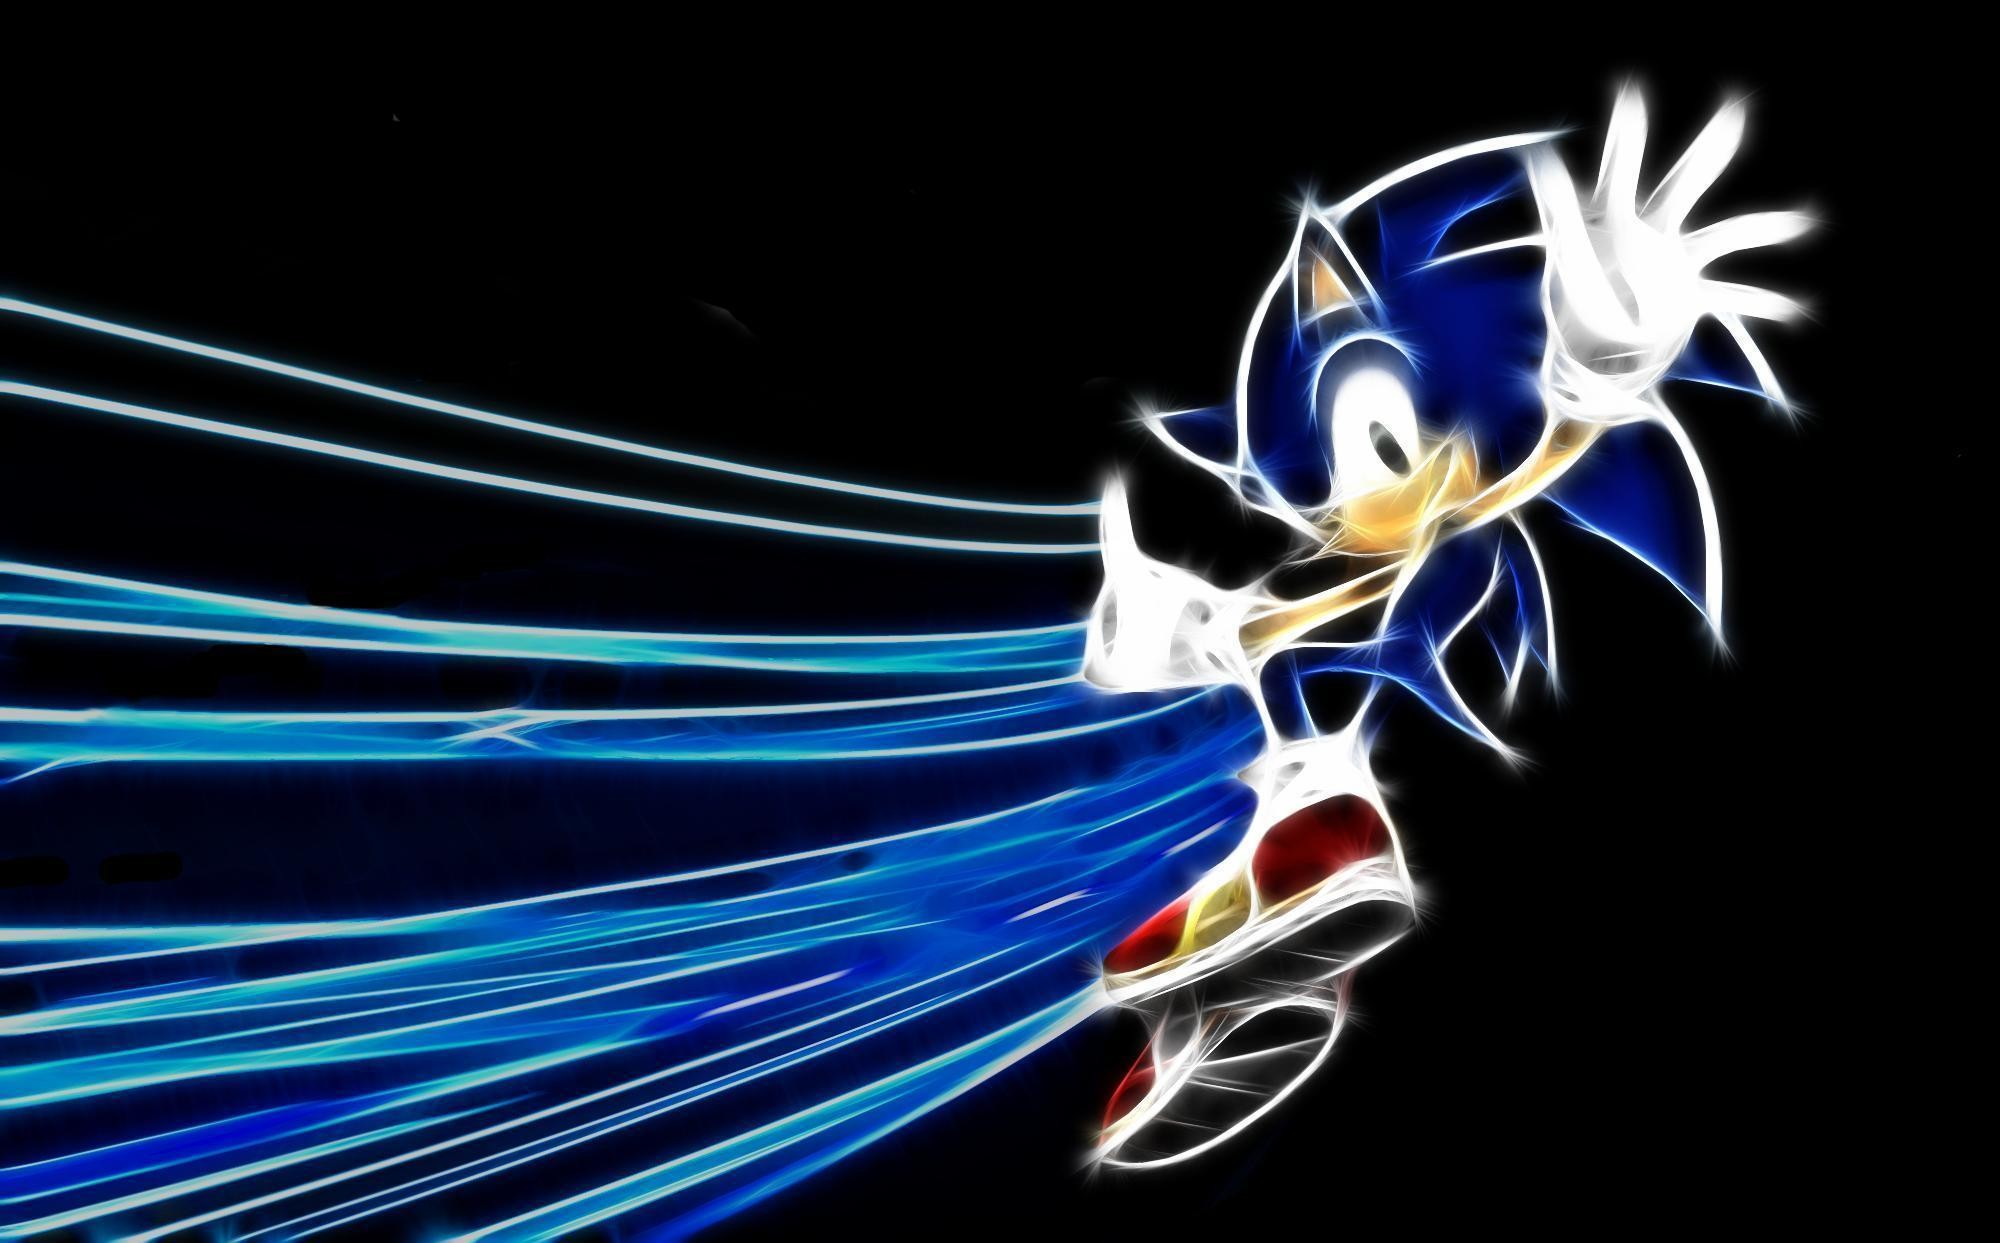 HD Sonic Wallpaper 1080p – WallpaperSafari